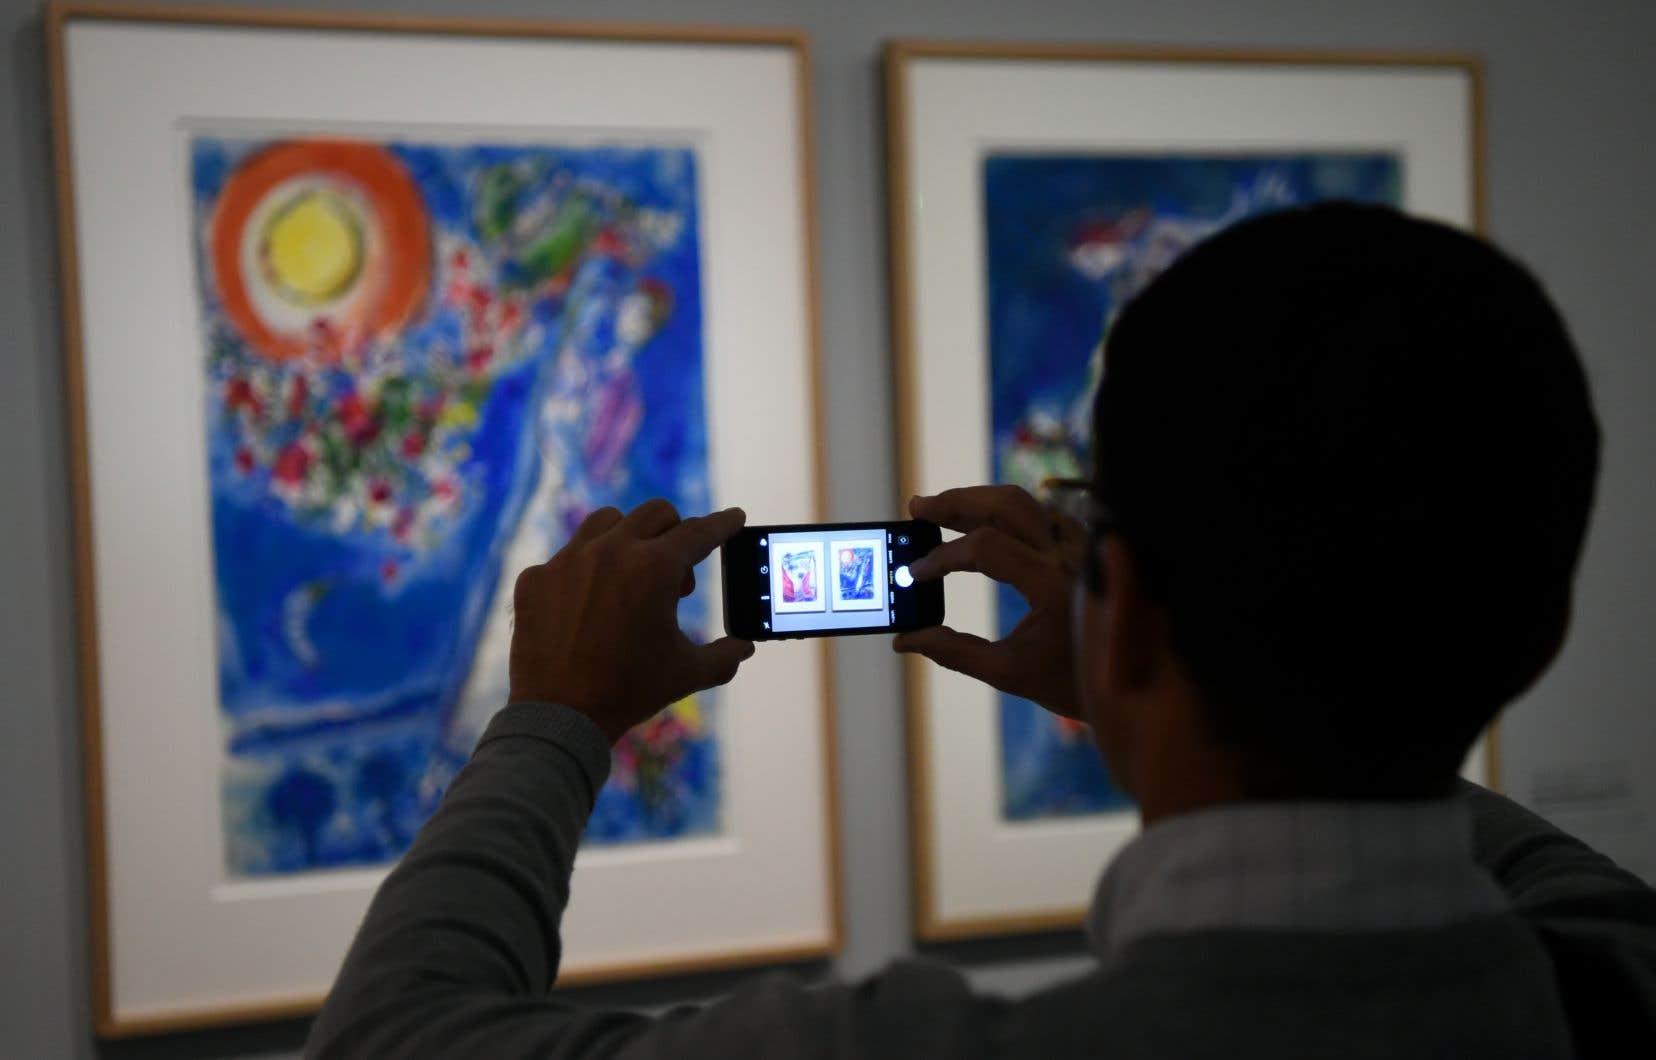 «Les musées sont un lieu de culture critique, où l'on apprend à ouvrir son esprit, à s'ouvrir sur le monde, ce qui peut être le contraire de se limiter aux oeuvres